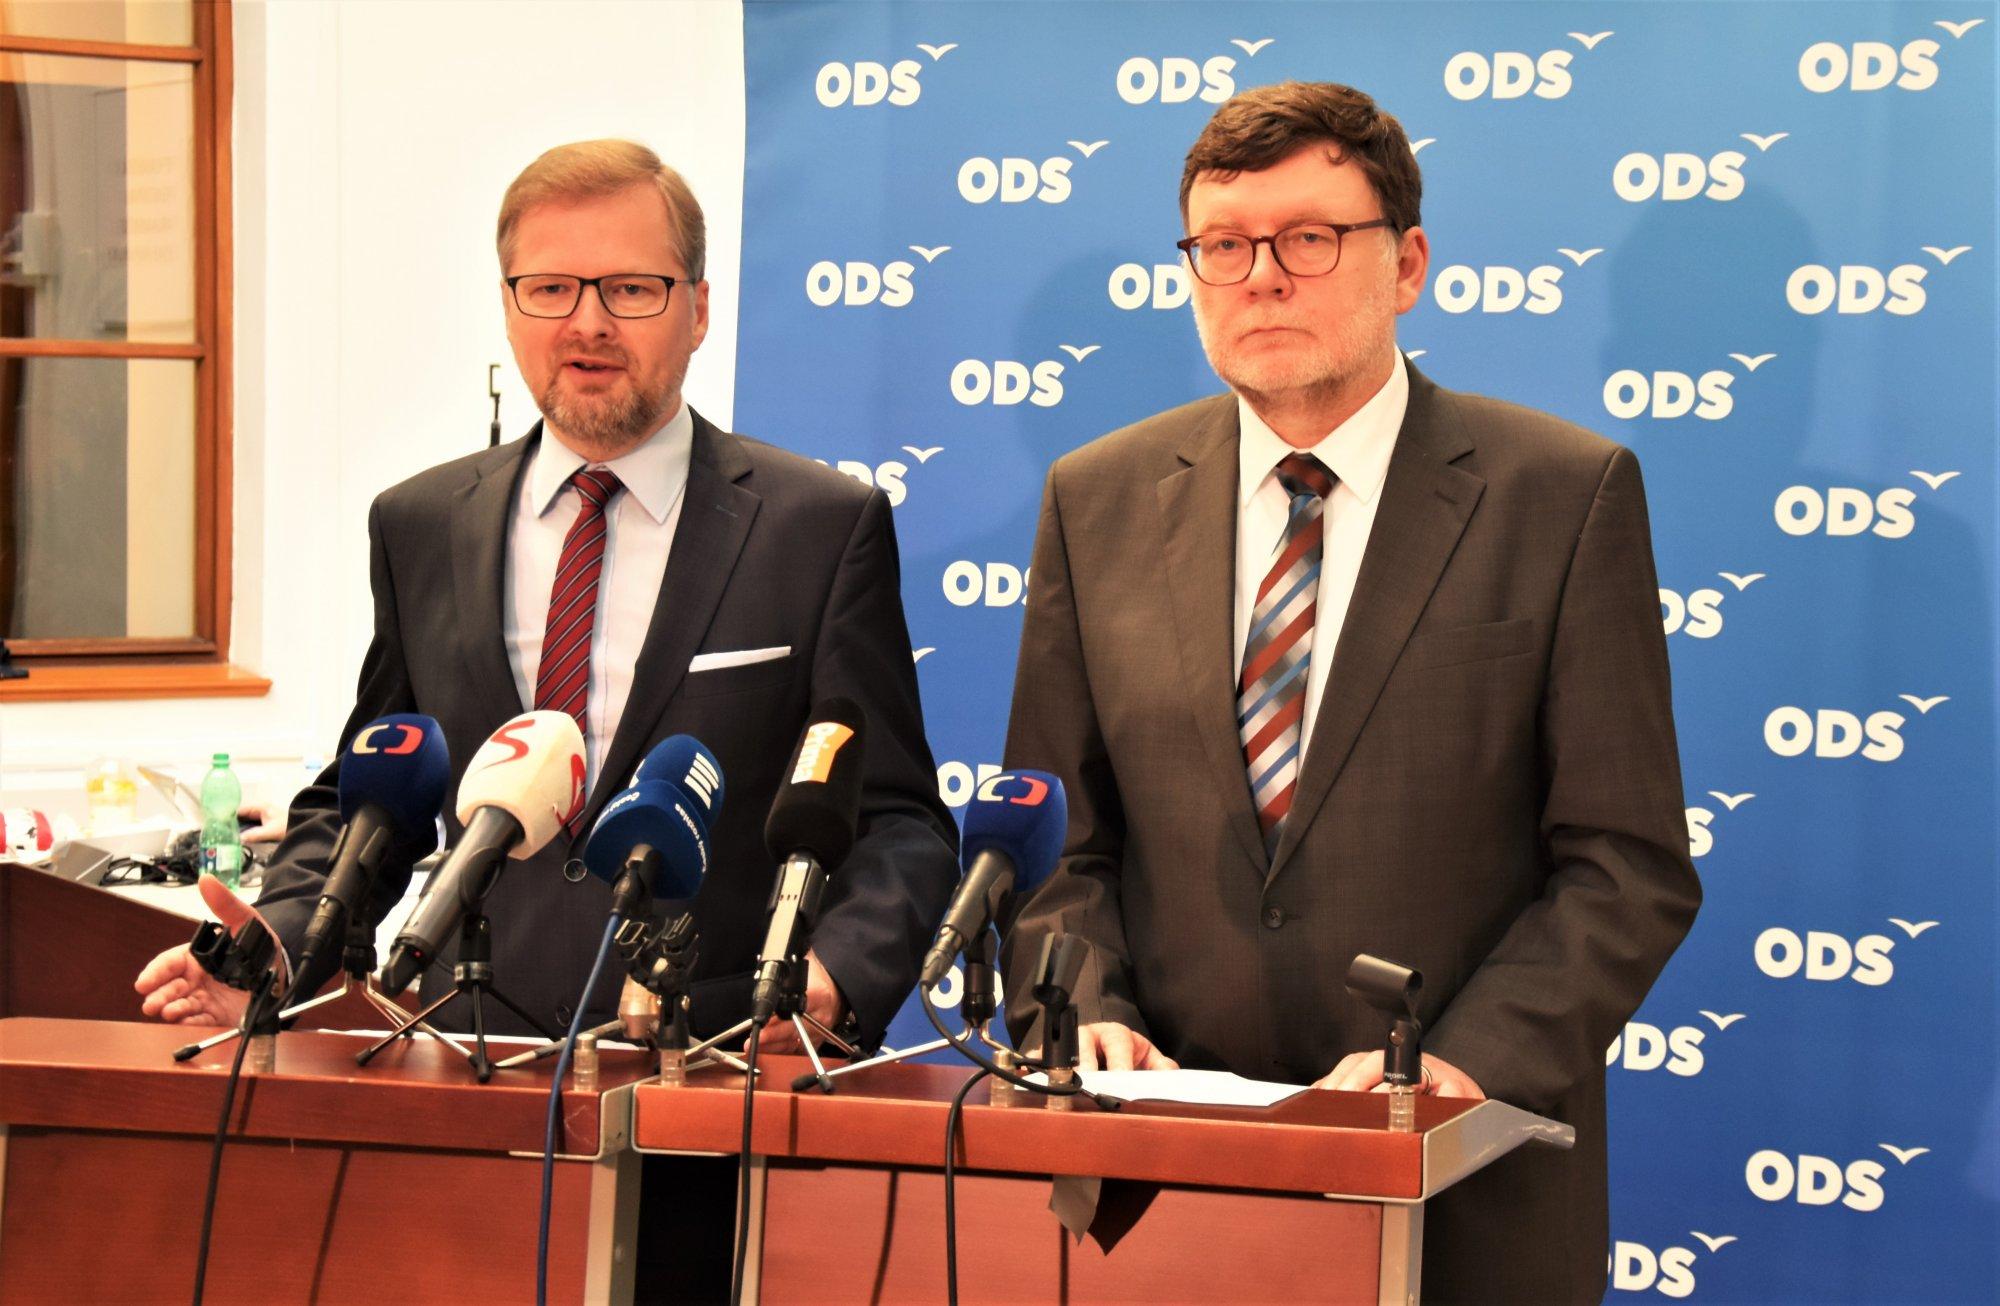 ODS: Zastavení 3. a 4. vlny EET považujeme za velký úspěch